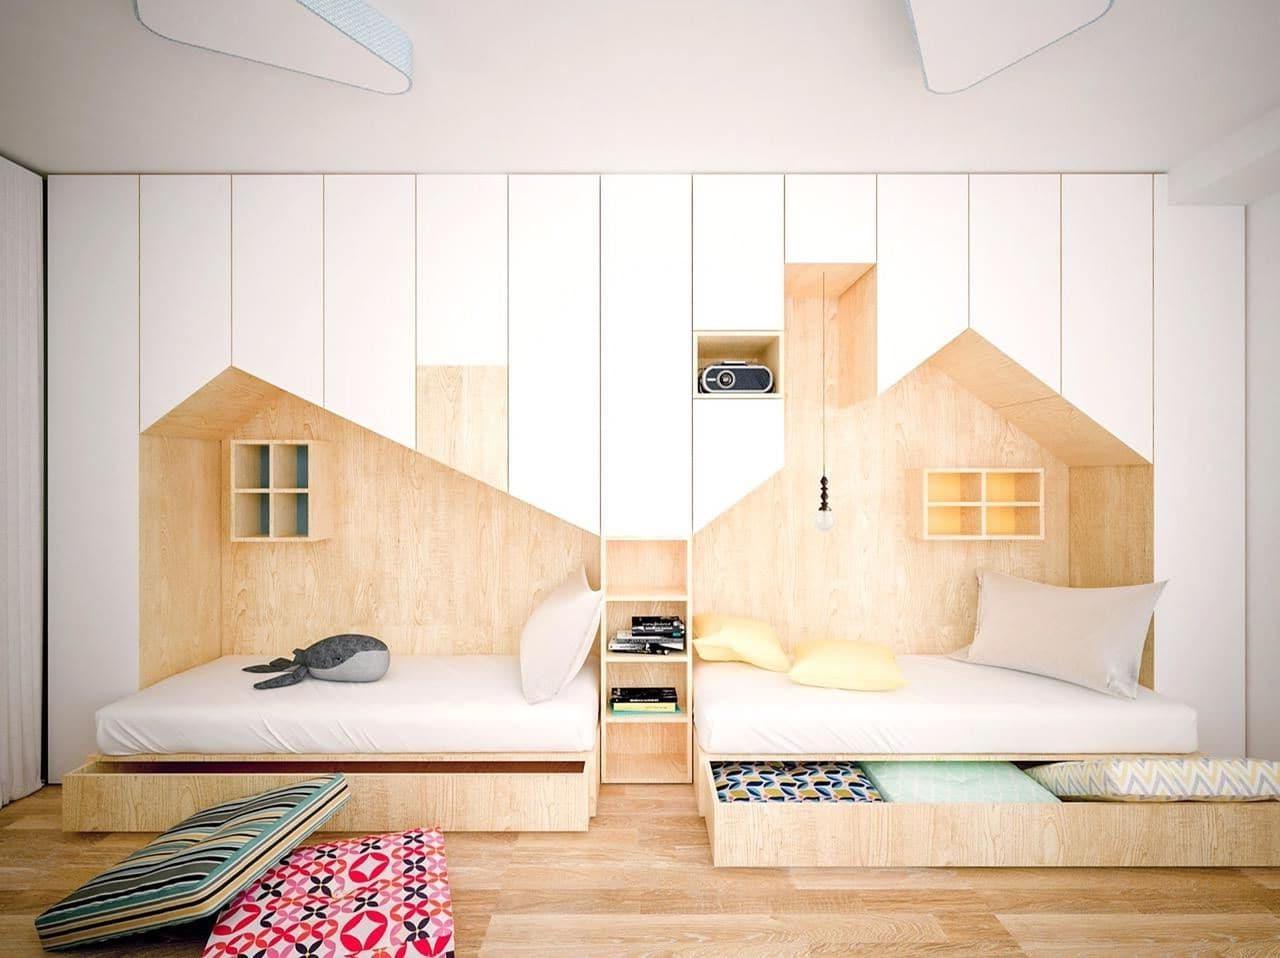 Комфортные домики для двойняшек с удобными и продуманным местами для хранения